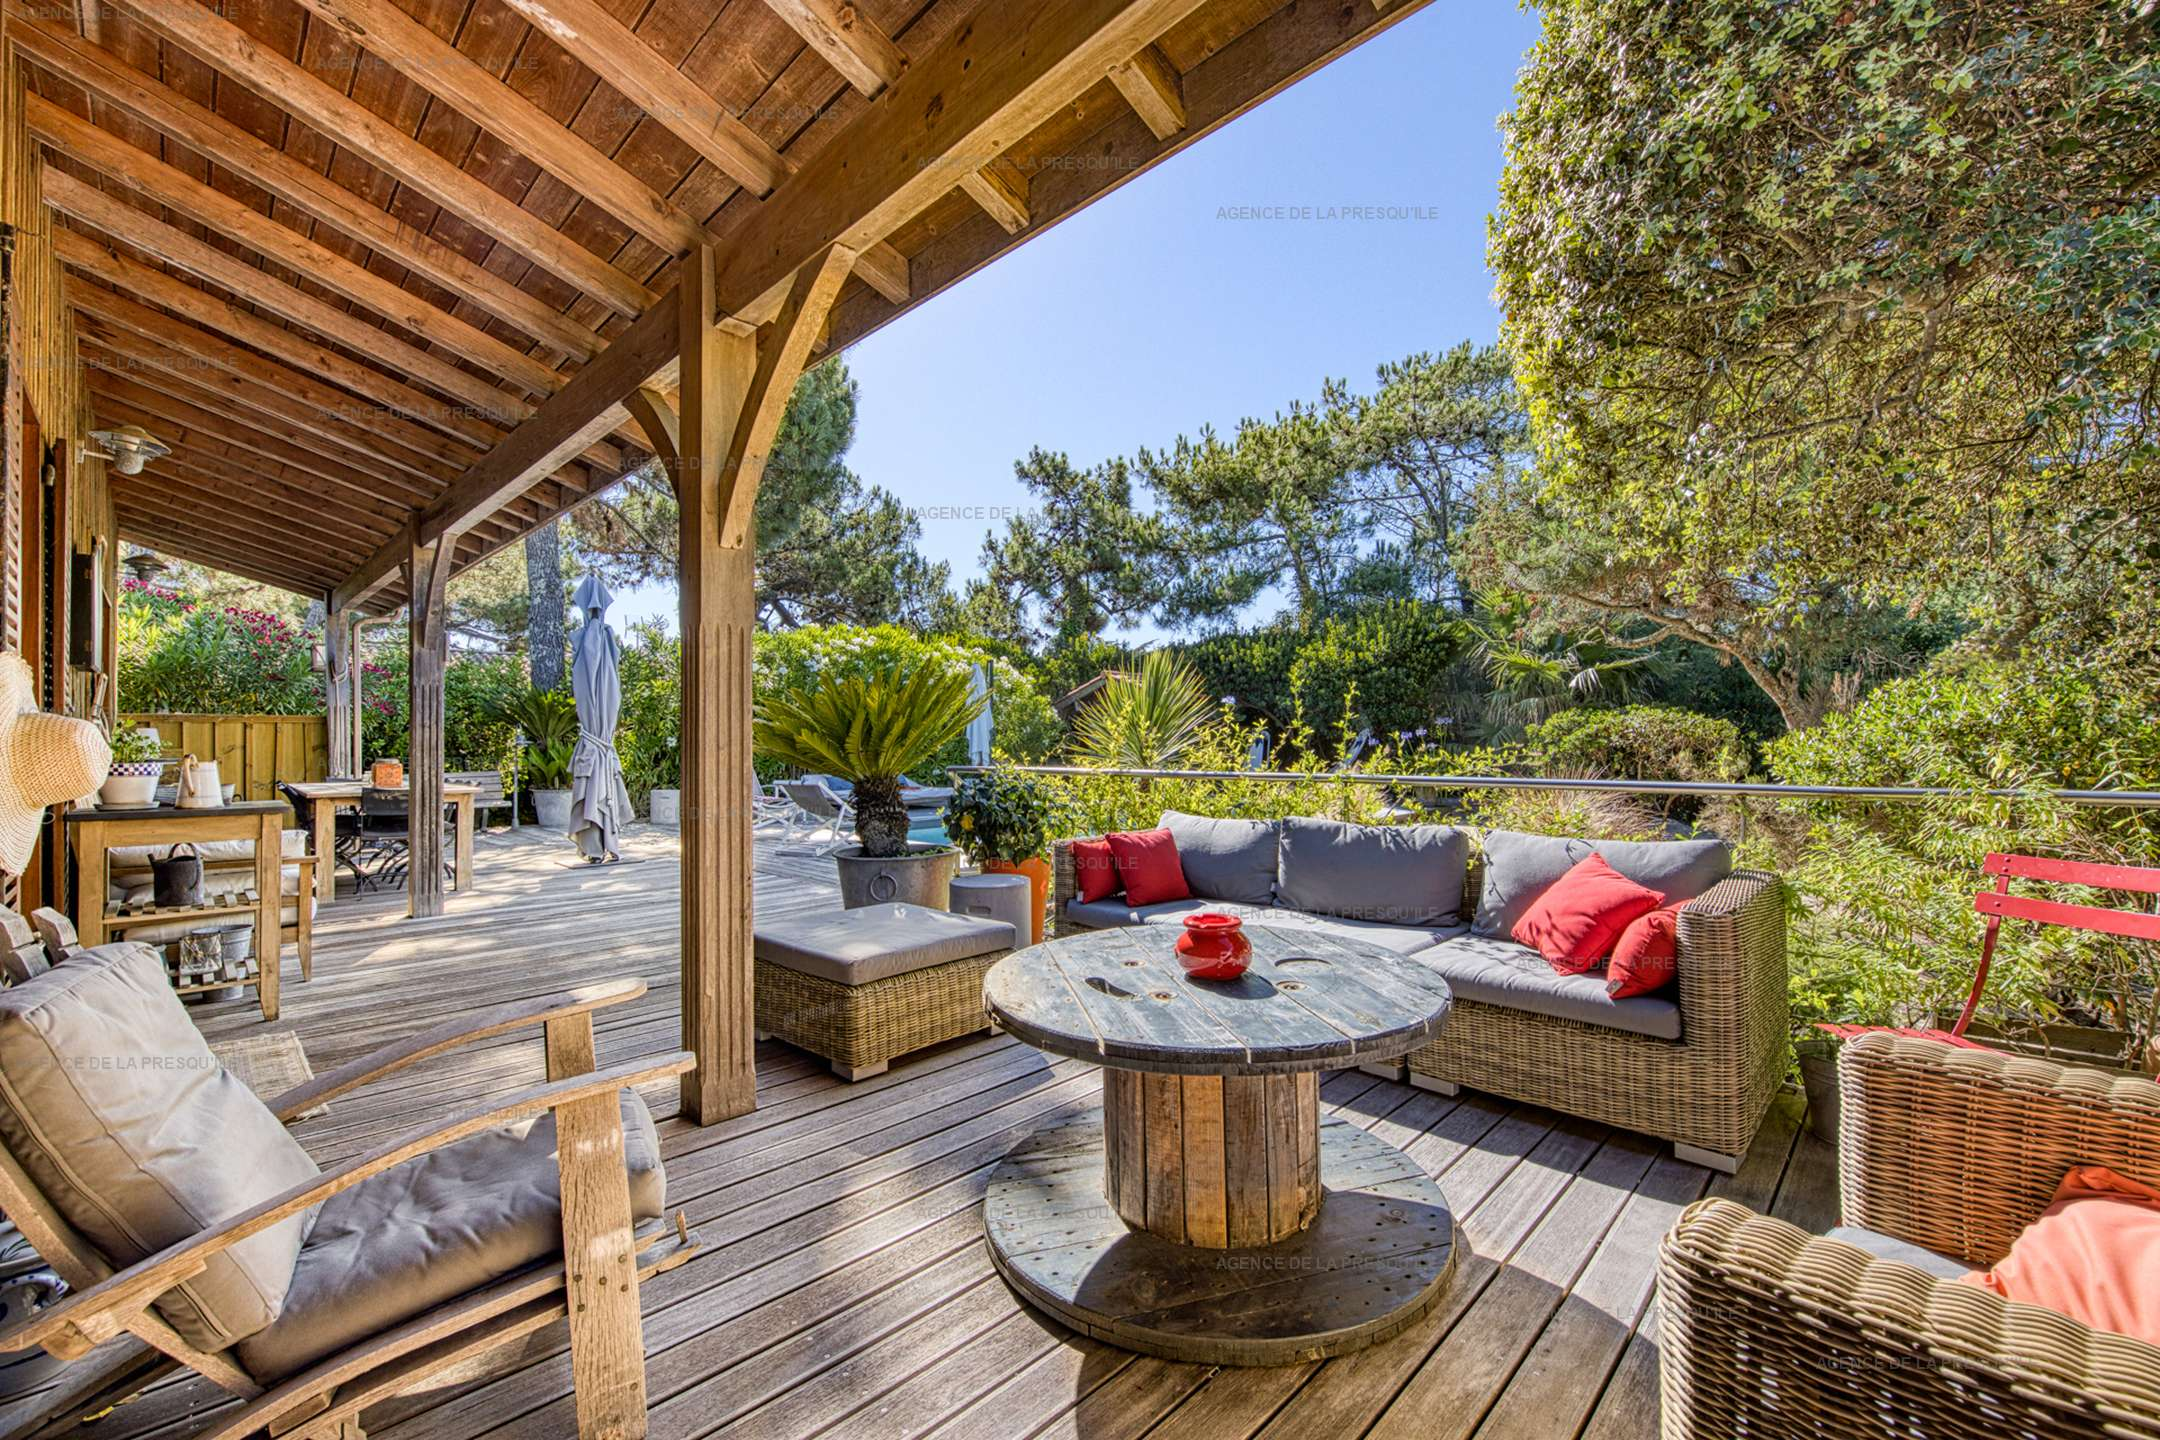 Location: Ravissante villa avec piscine entre le bassin et l'océan 5